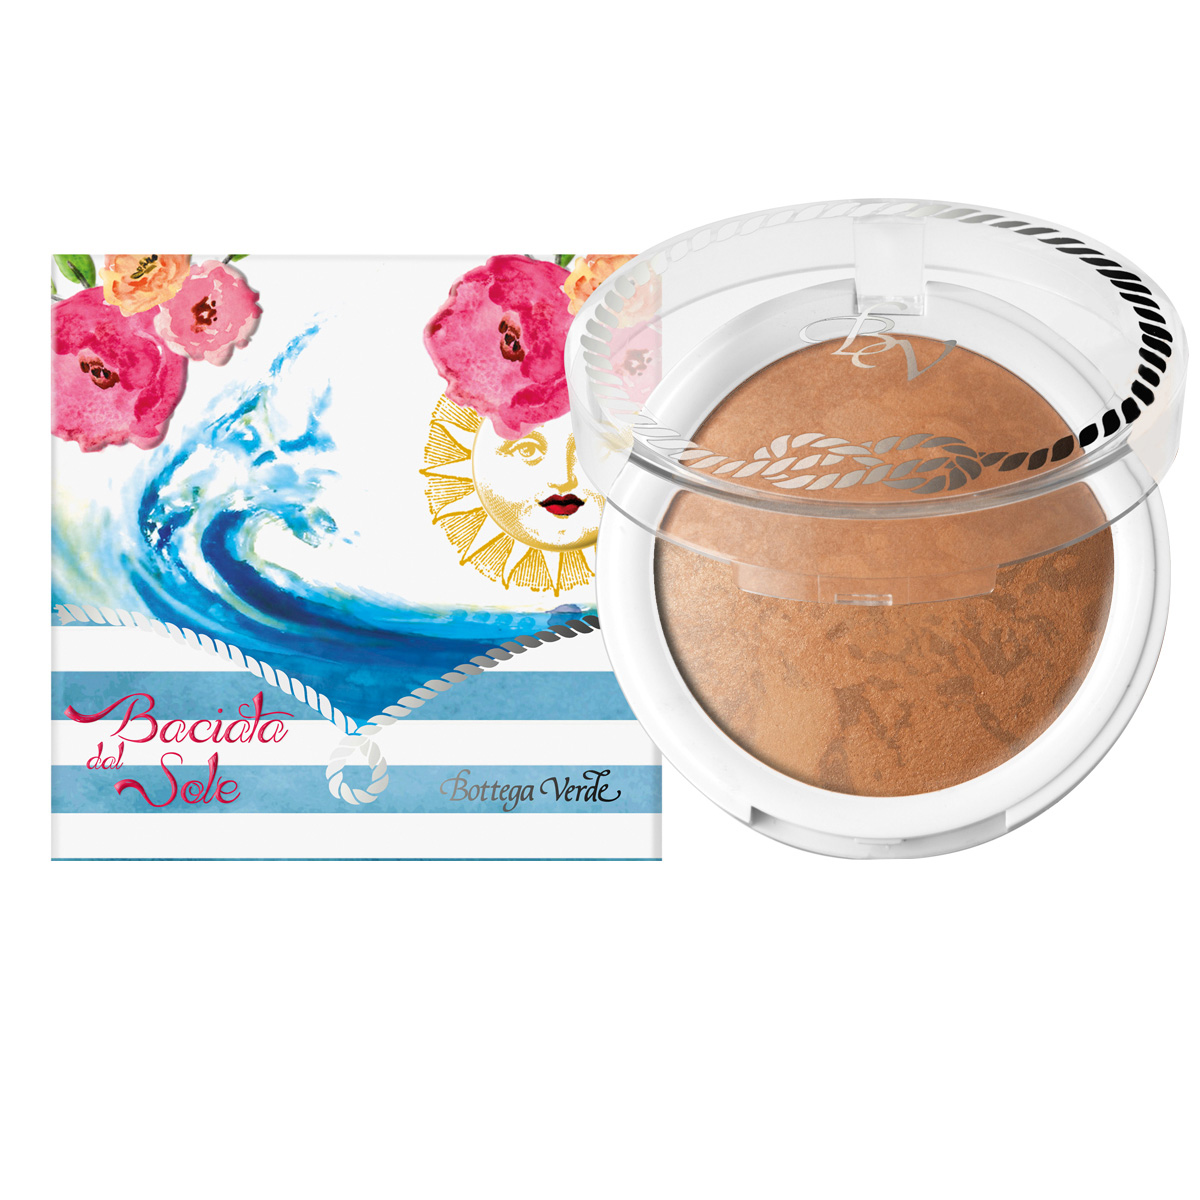 Sarutul soarelui - Pudra bronzanta, compacta, cu extract de hibiscus si ulei de migdale dulci